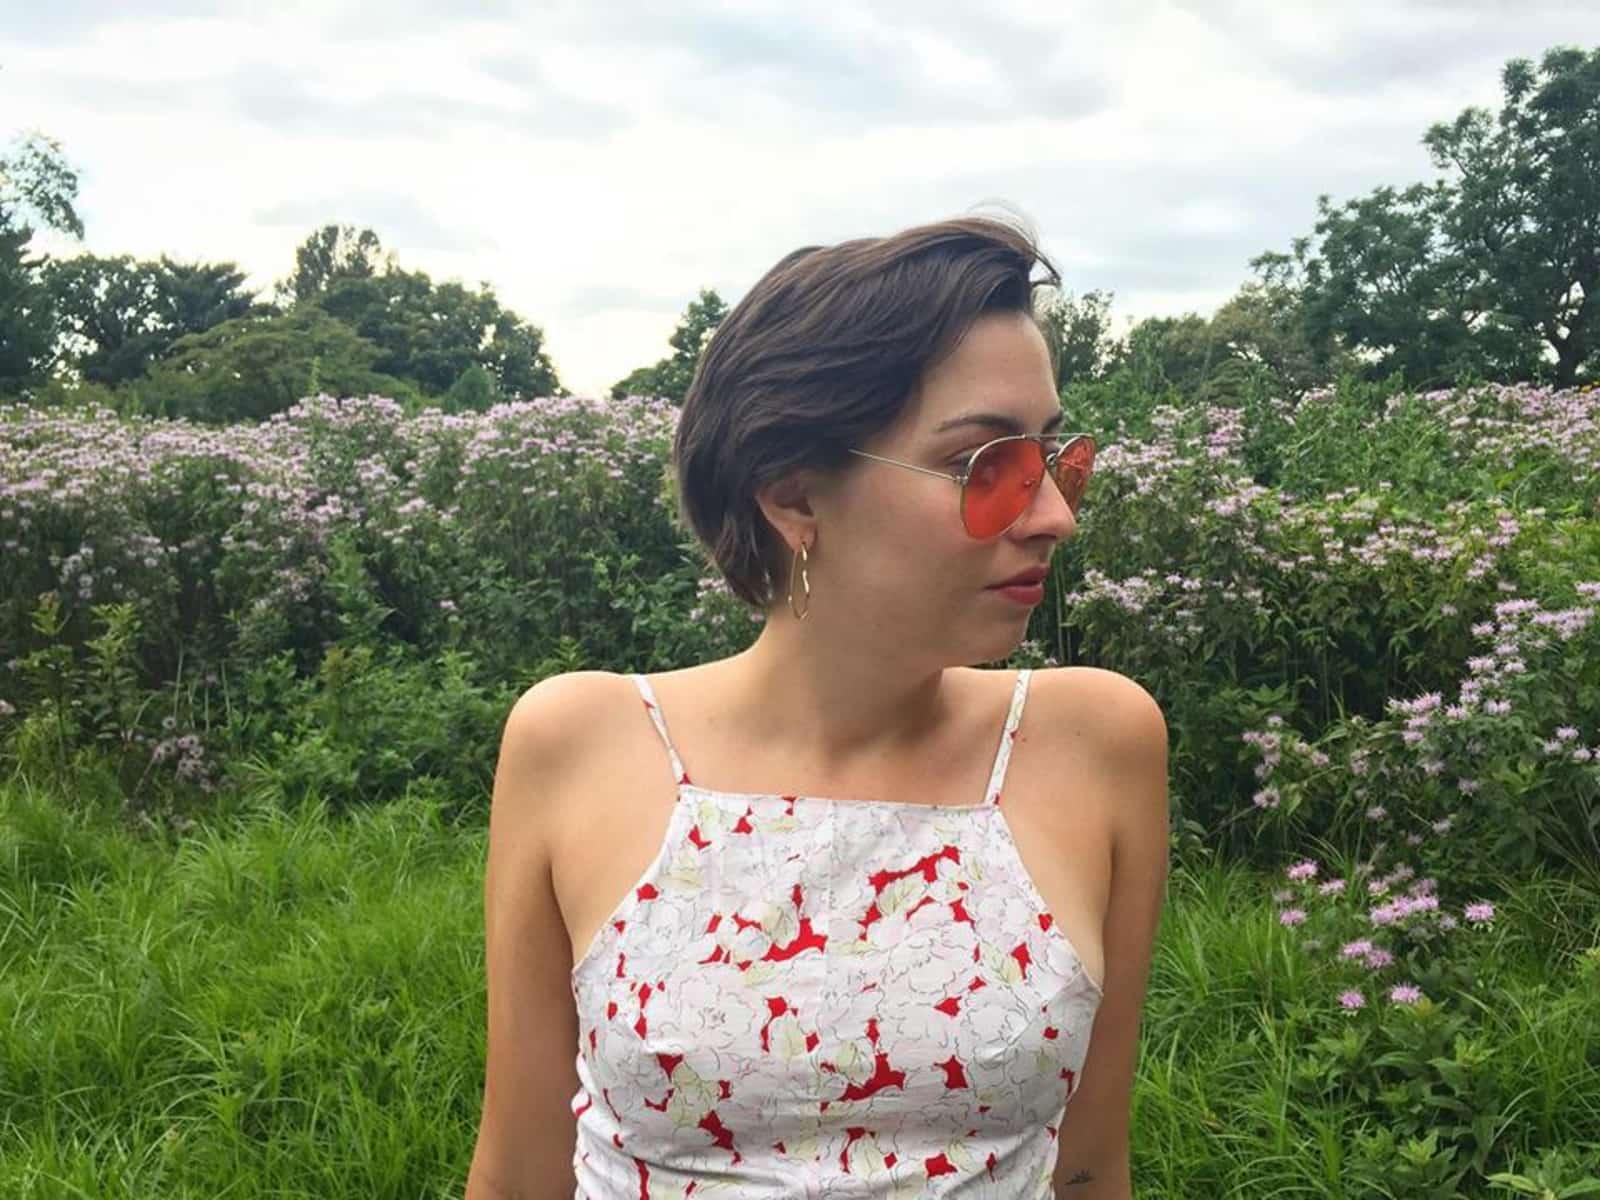 Kari from New York City, New York, United States